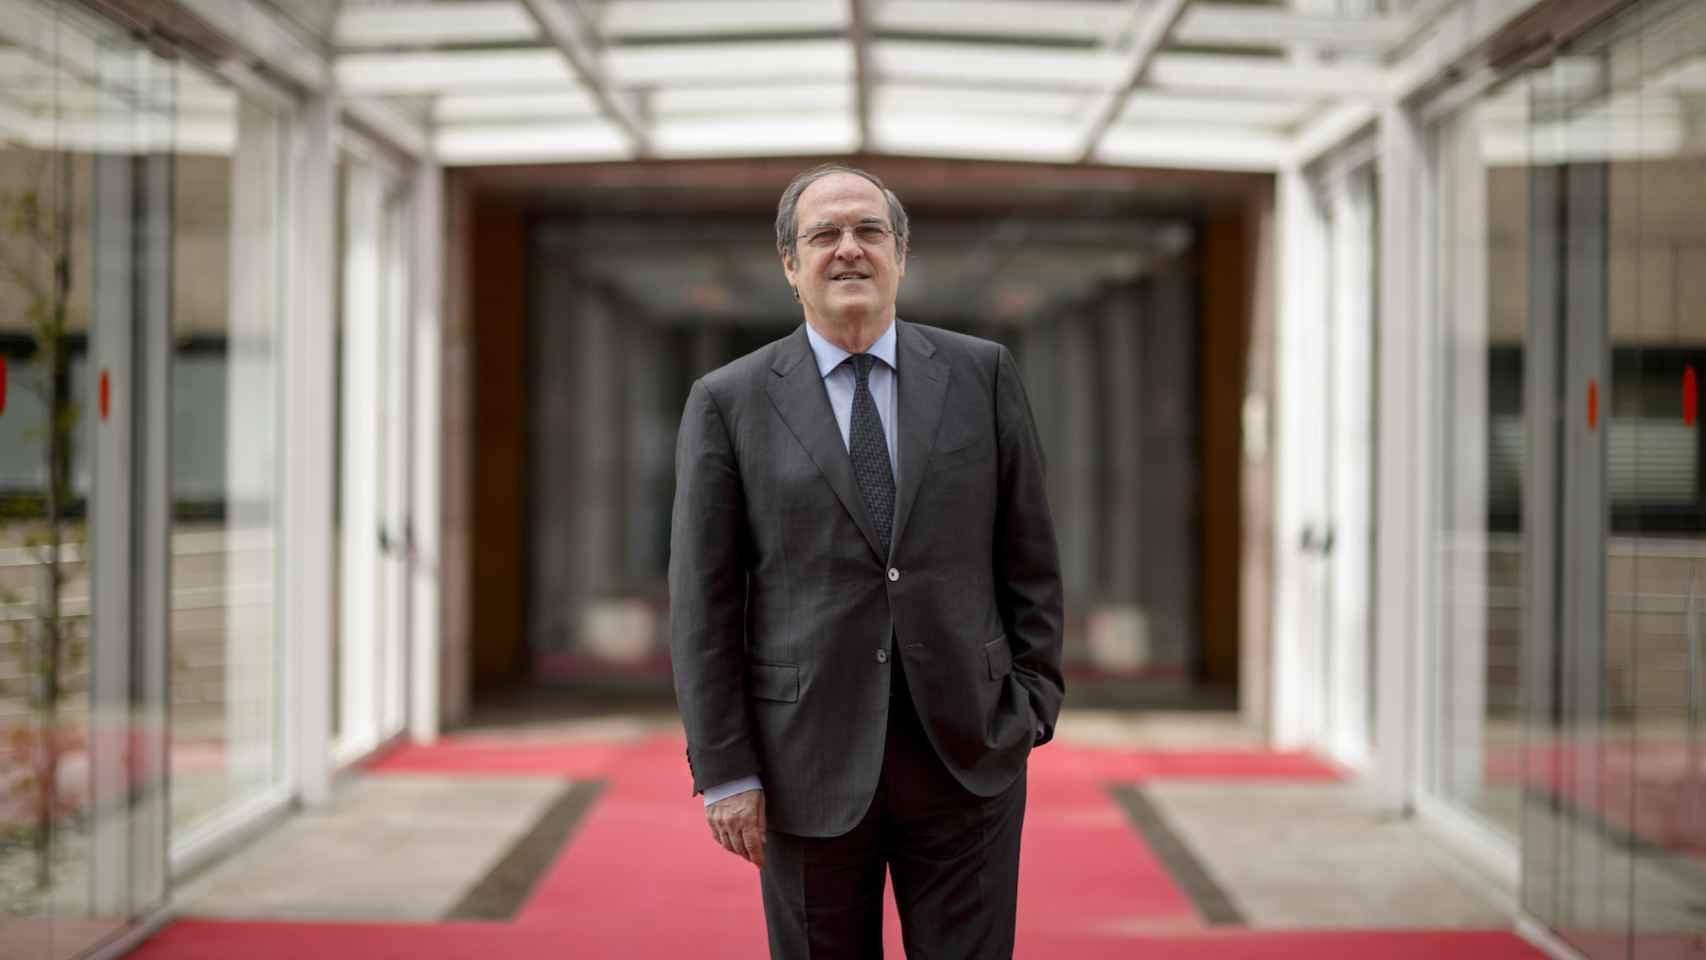 Ángel Gabilondo, en el pasillo acristalado que conecta edificios en la Asamblea.